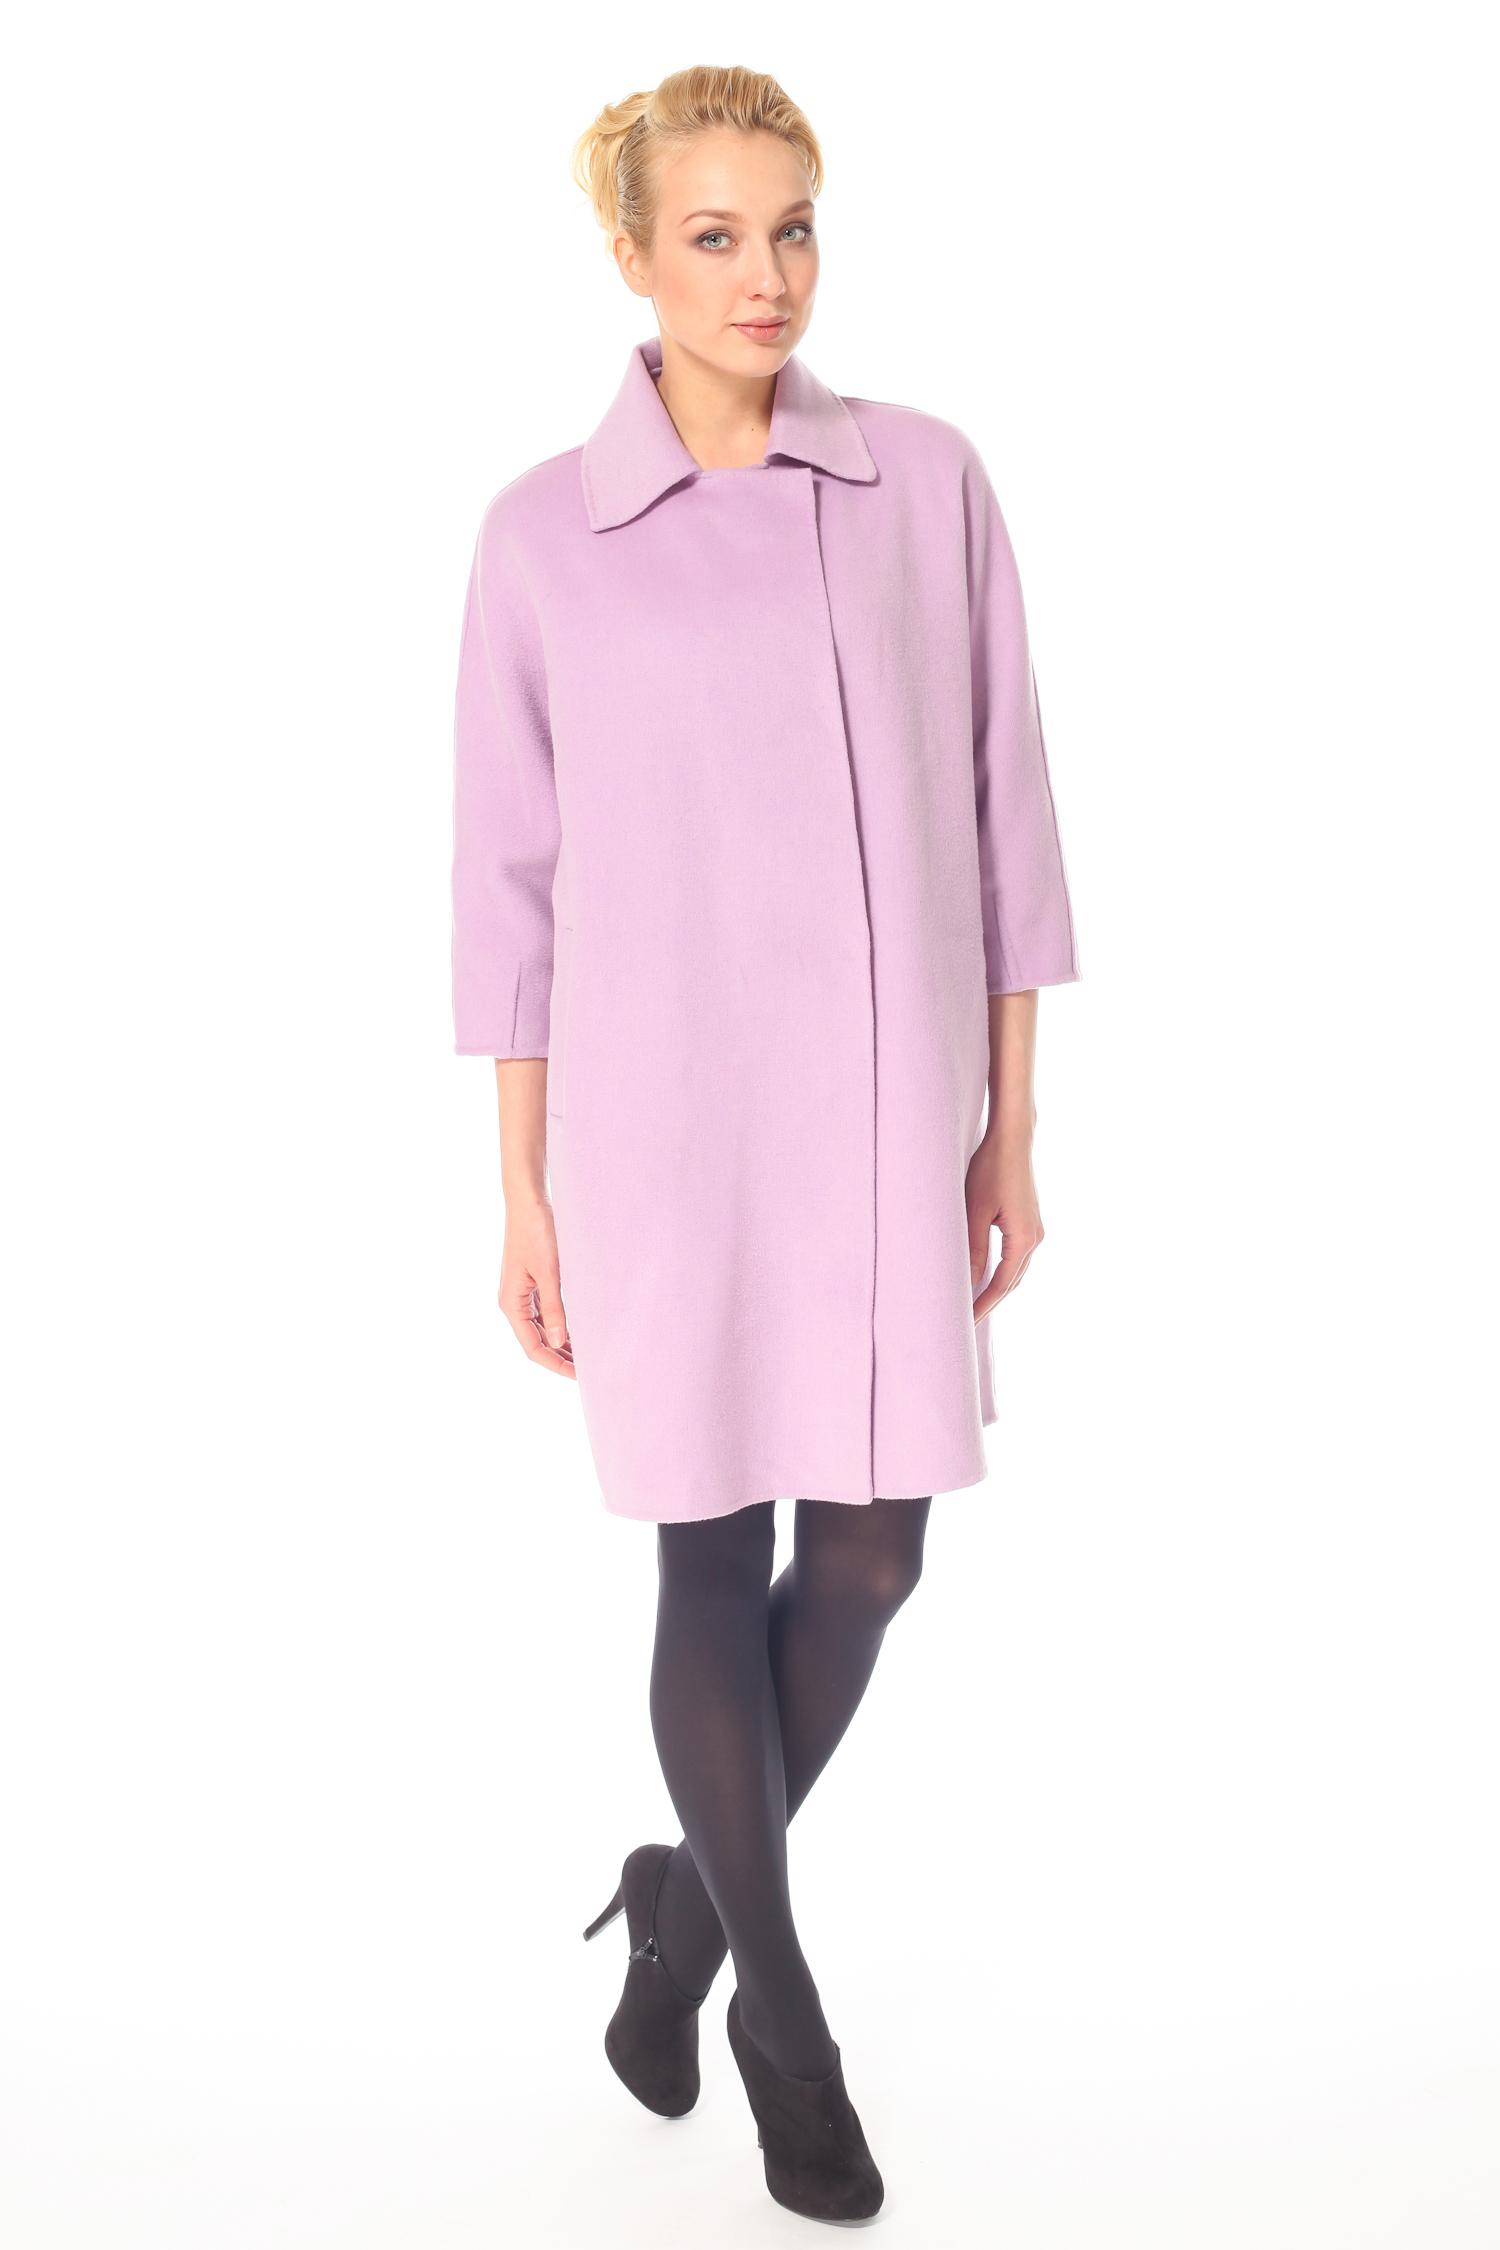 Фото 9 - Женское пальто из текстиля с воротником от МОСМЕХА цвета фуксия